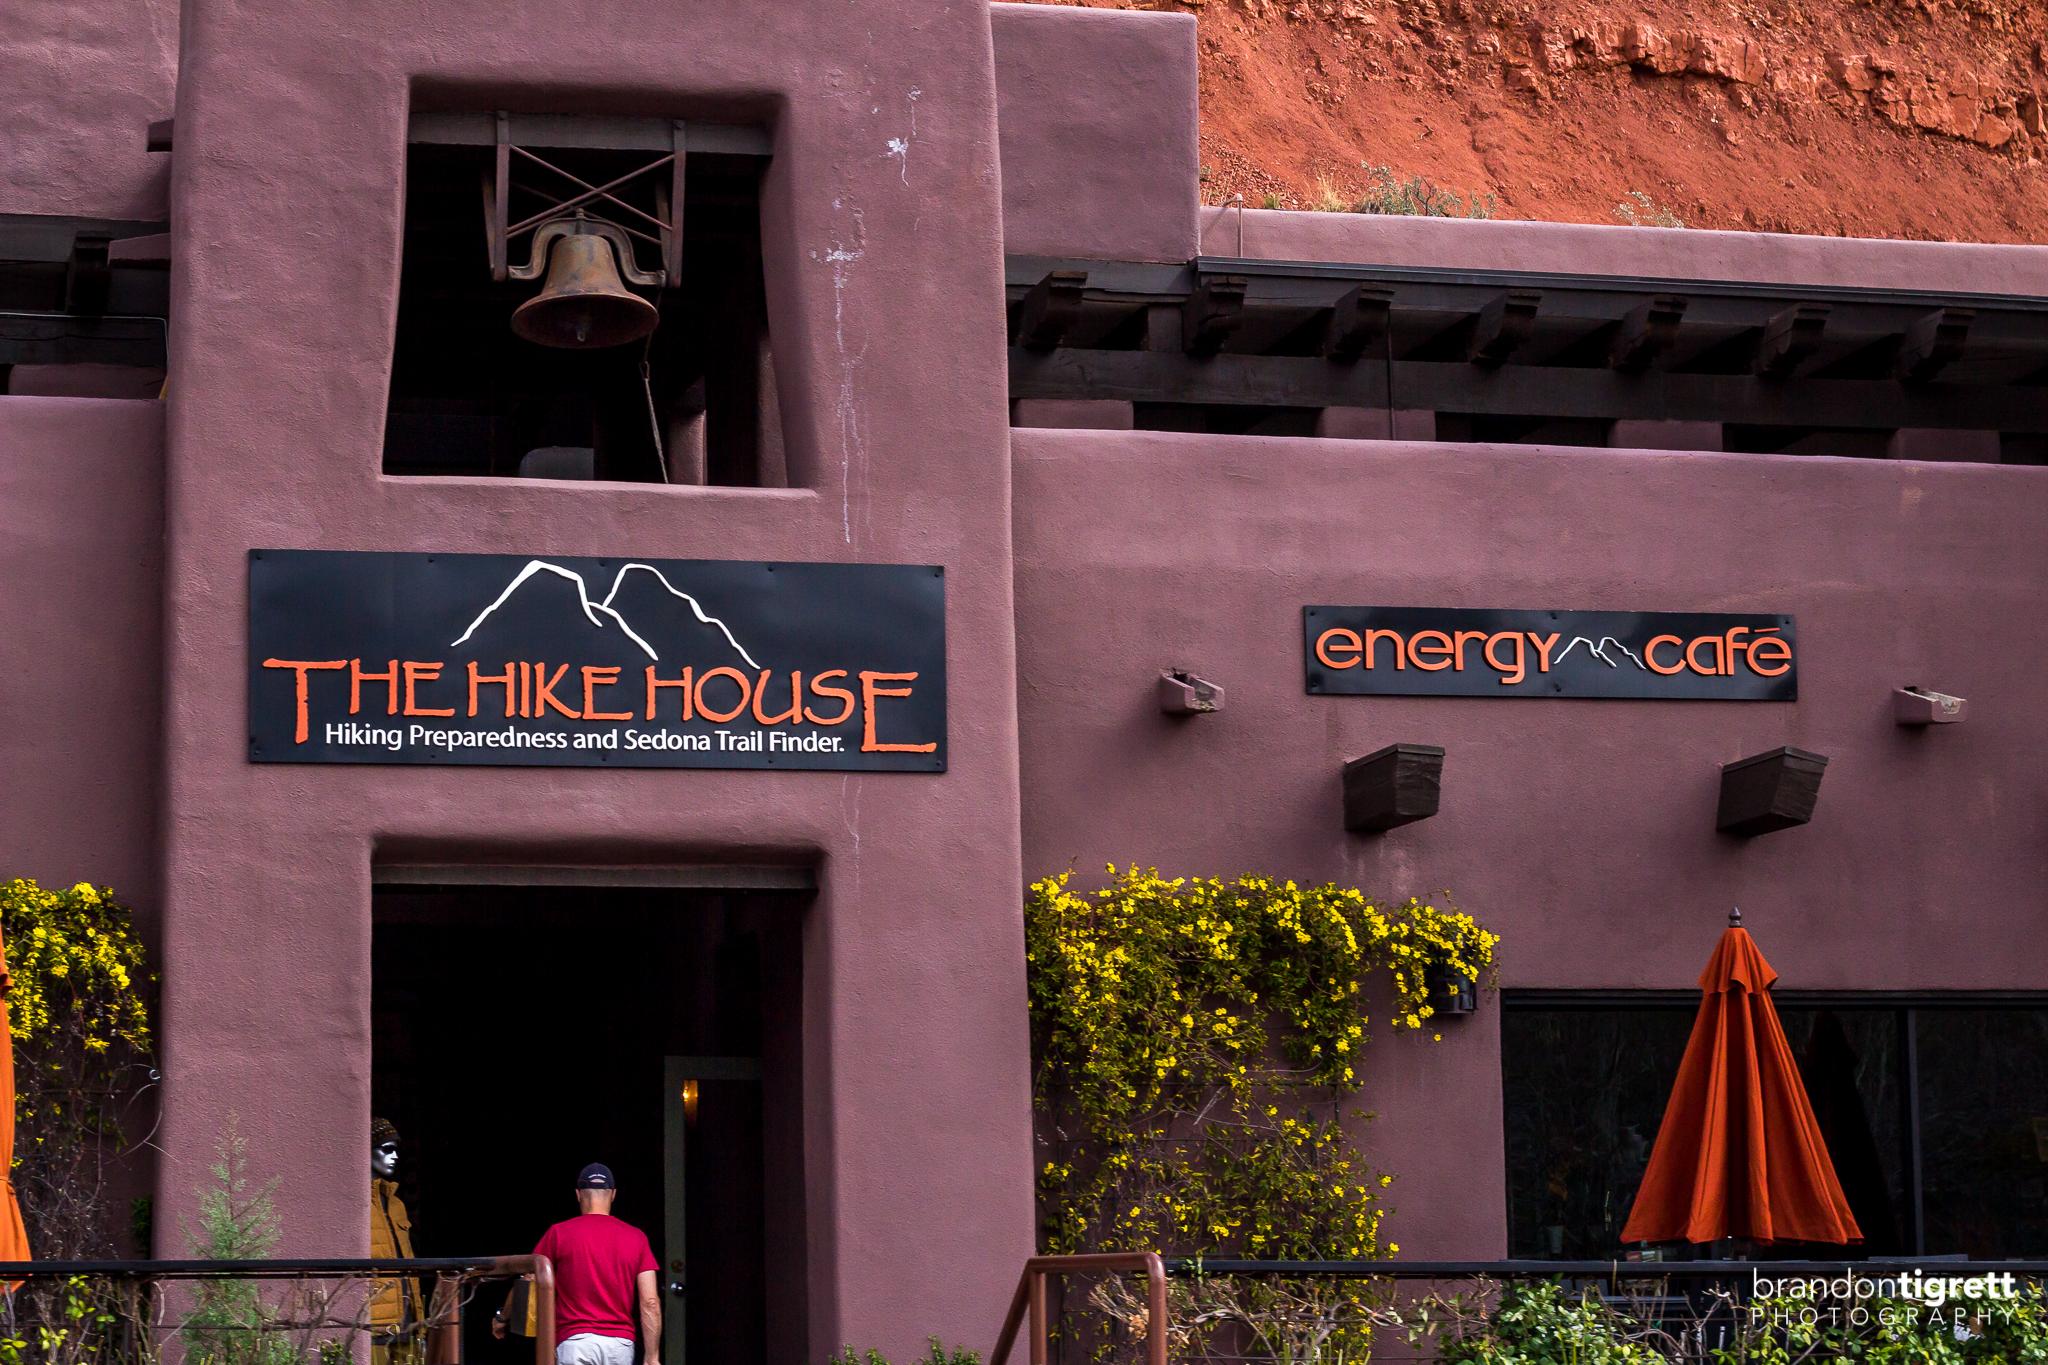 The Hike House - Sedona, AZ